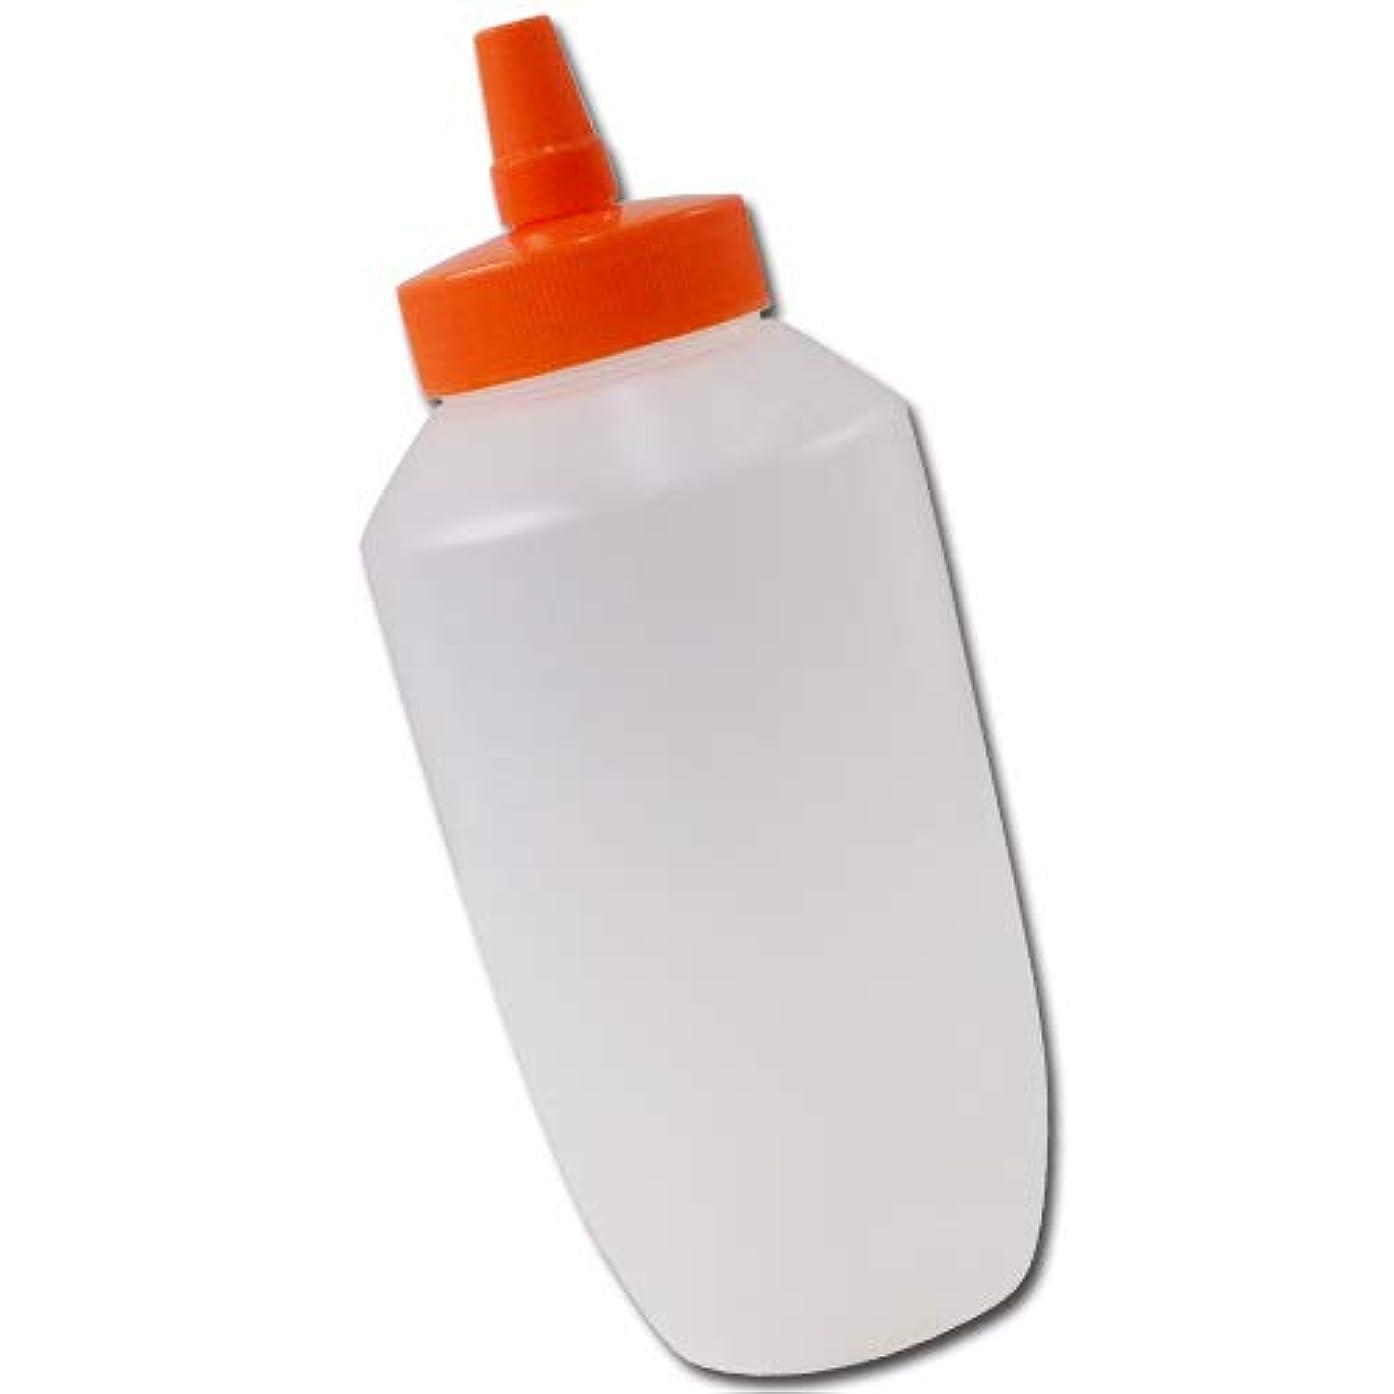 見える開梱醜いはちみつ容器740mll(オレンジキャップ)│業務用ローションや調味料の小分けに詰め替え用ハチミツ容器(蜂蜜容器)はちみつボトルビッグな特大サイズ